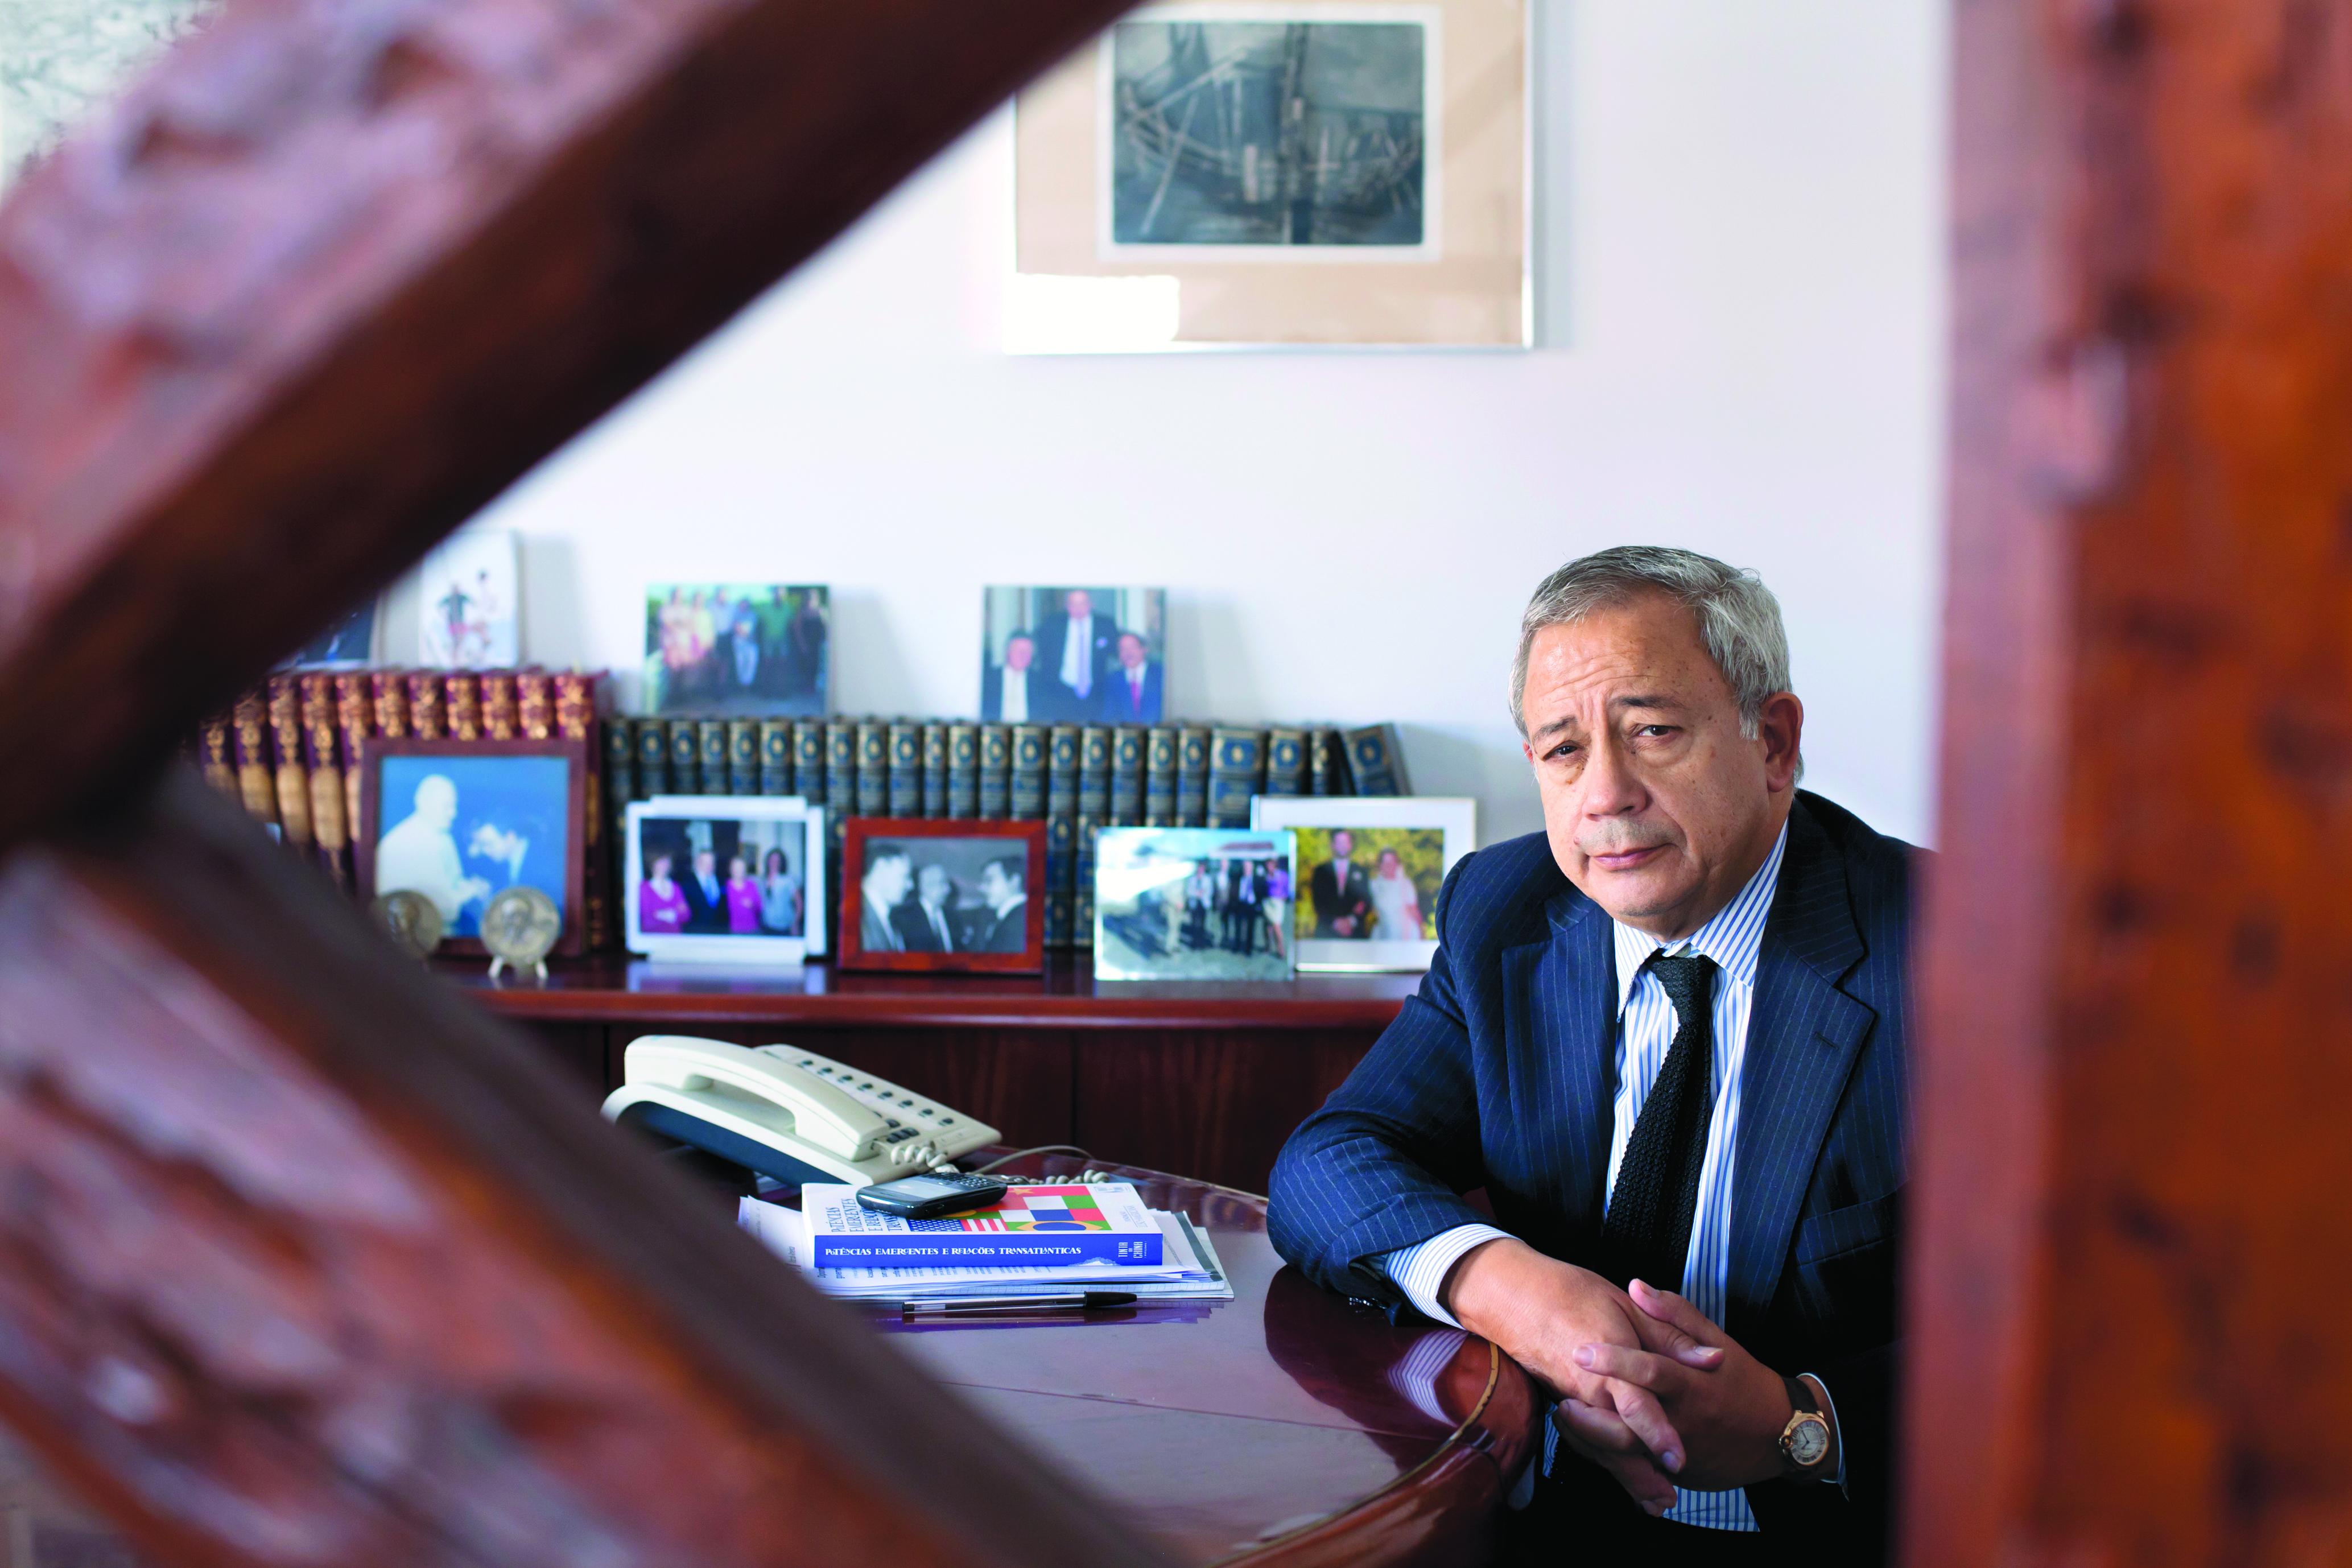 Marcelo quer esclarecimentos sobre o caso Jaime Nogueira Pinto